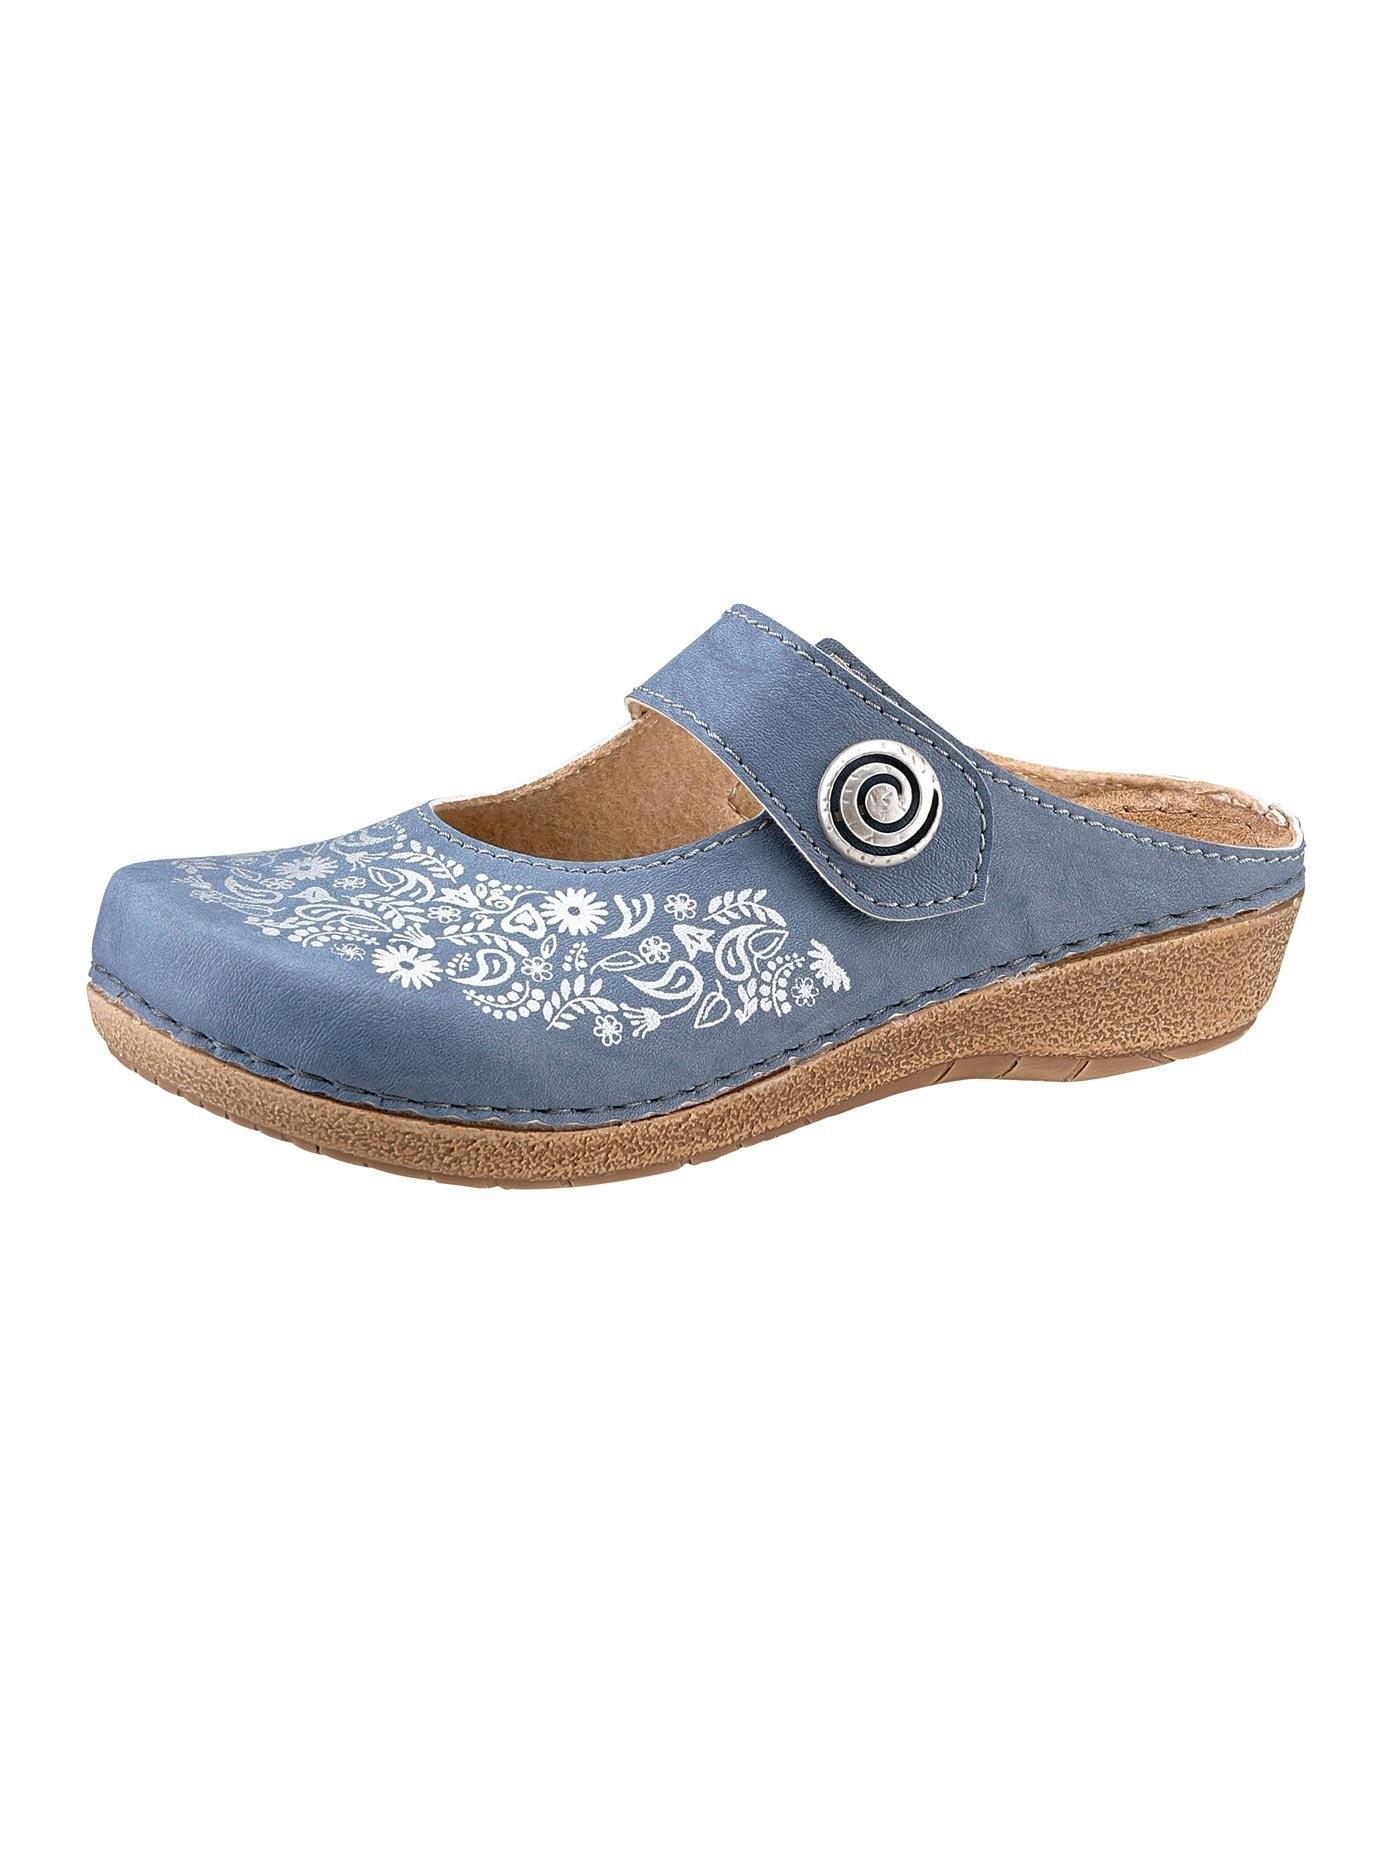 Franken-Schuhe Franken Schuhe clogs online kopen op otto.nl